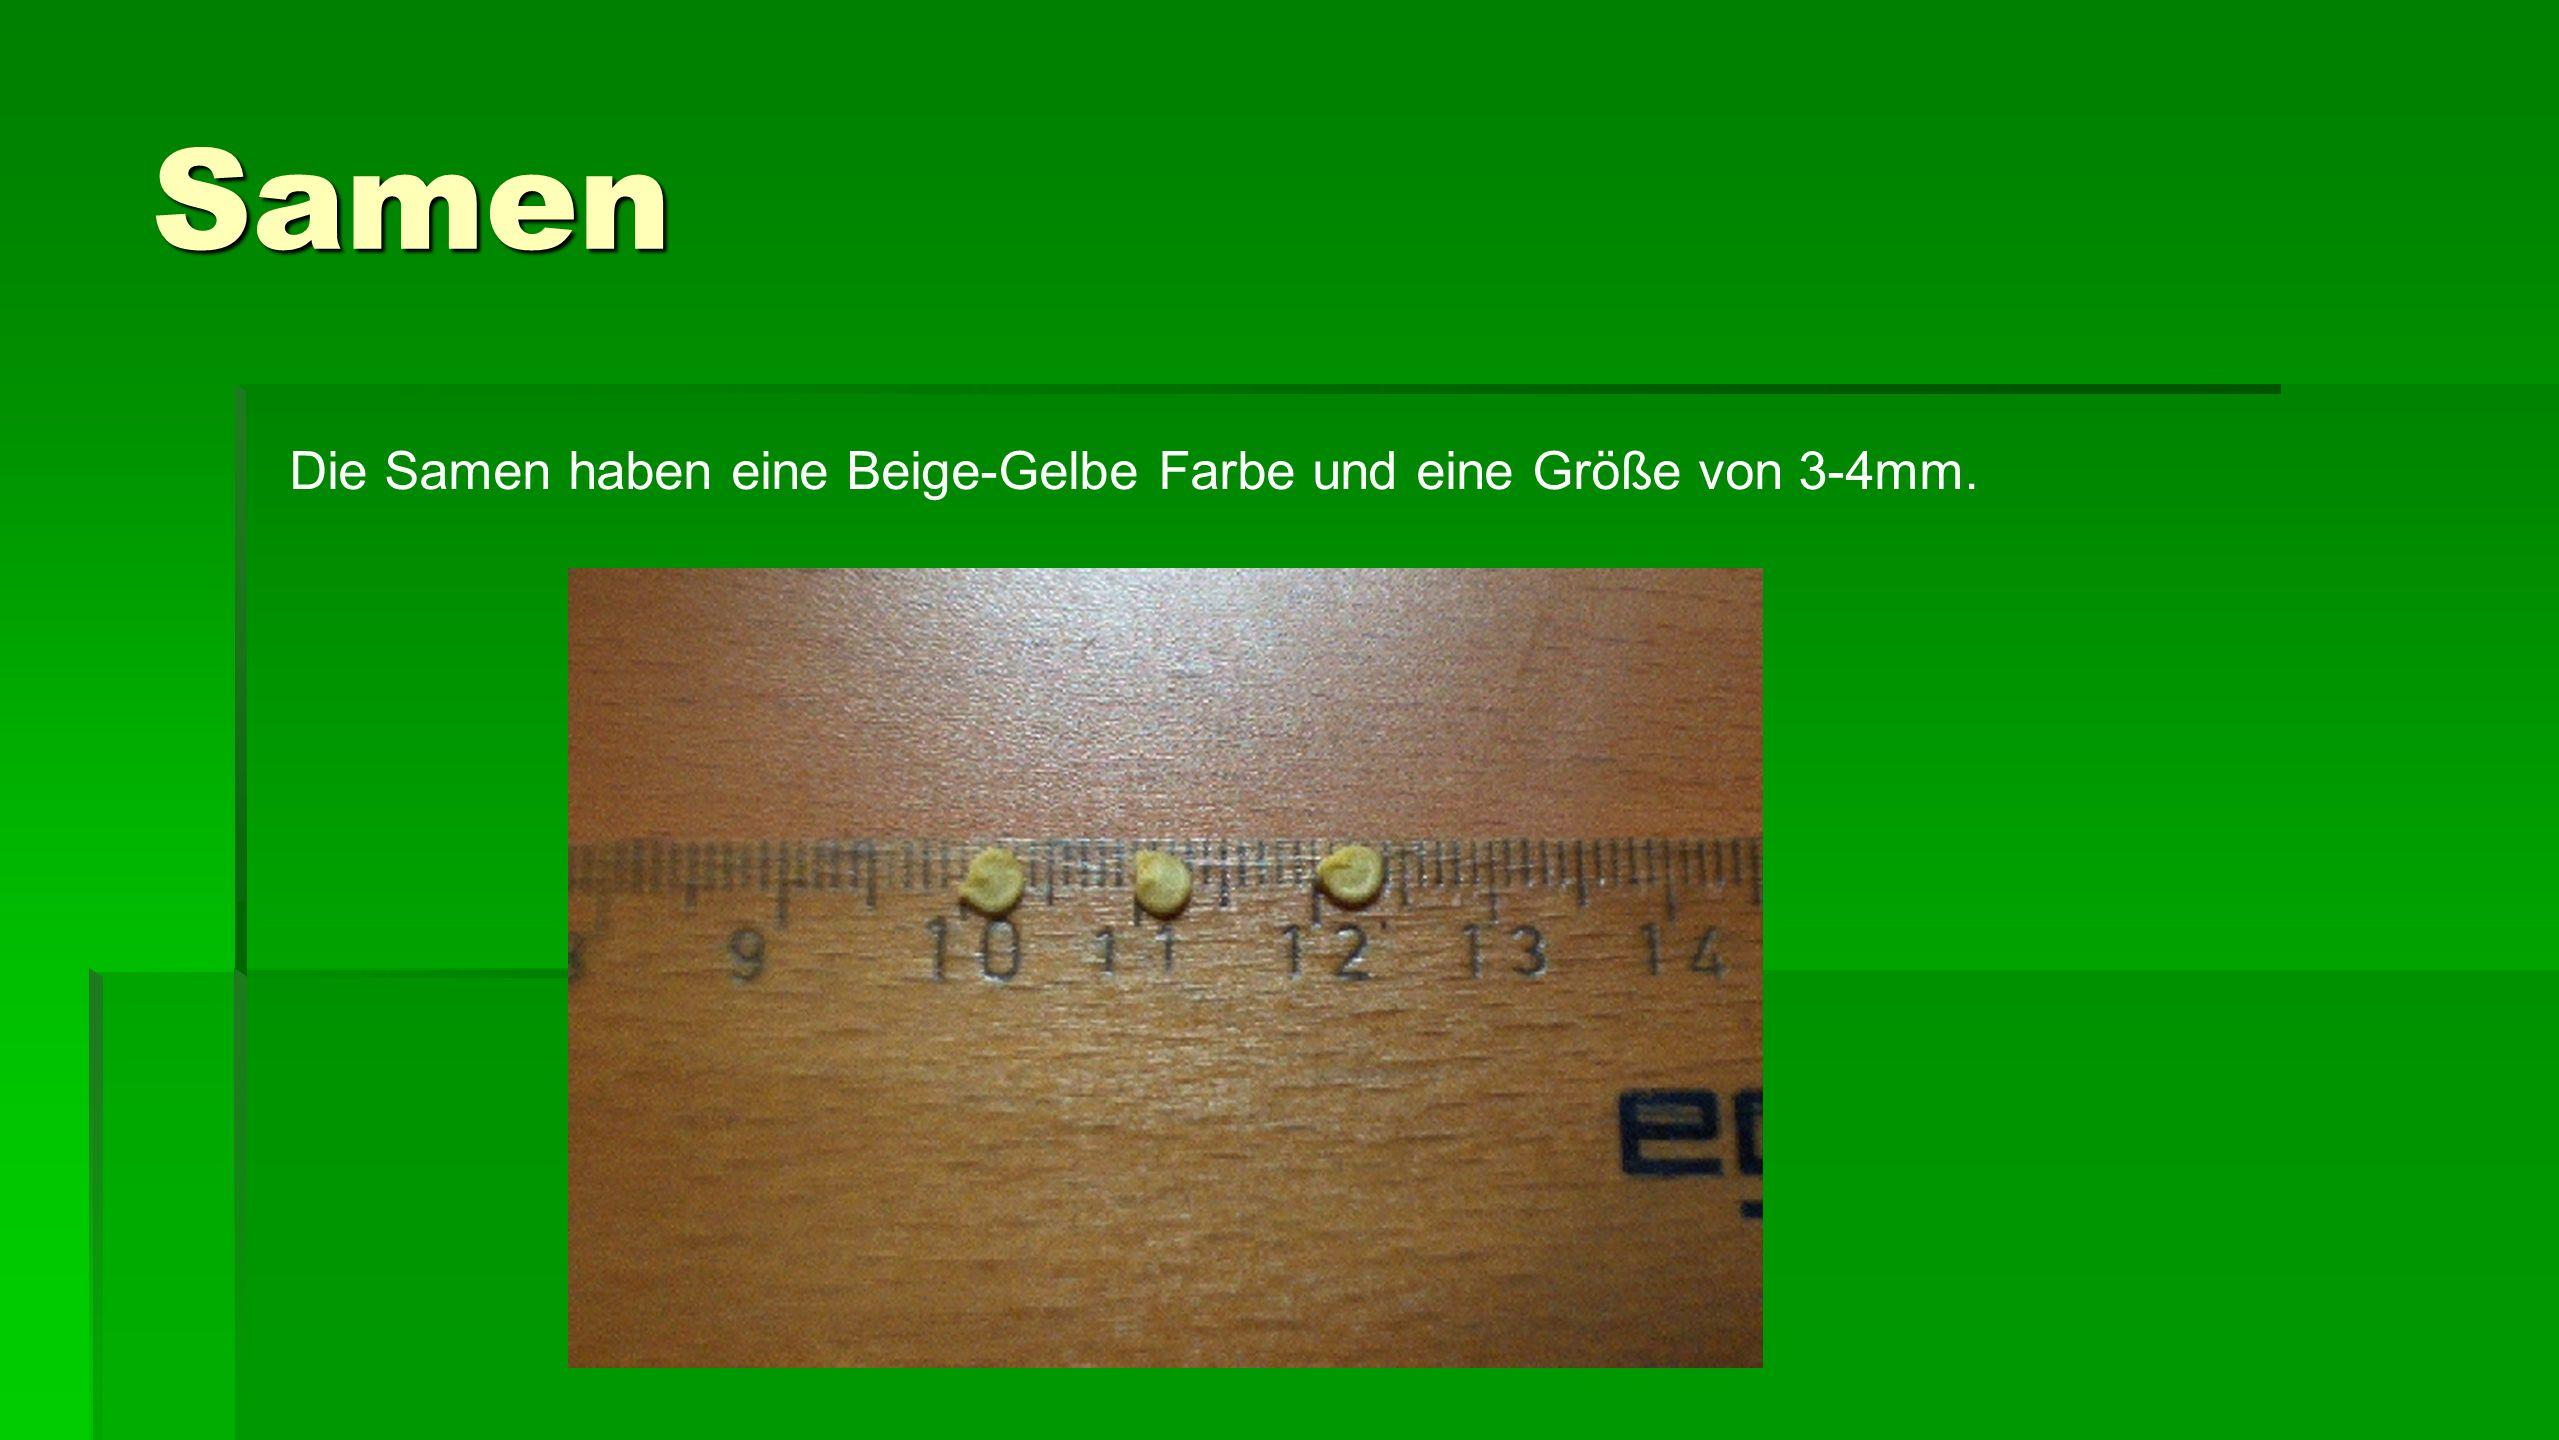 Samen Die Samen haben eine Beige-Gelbe Farbe und eine Größe von 3-4mm.